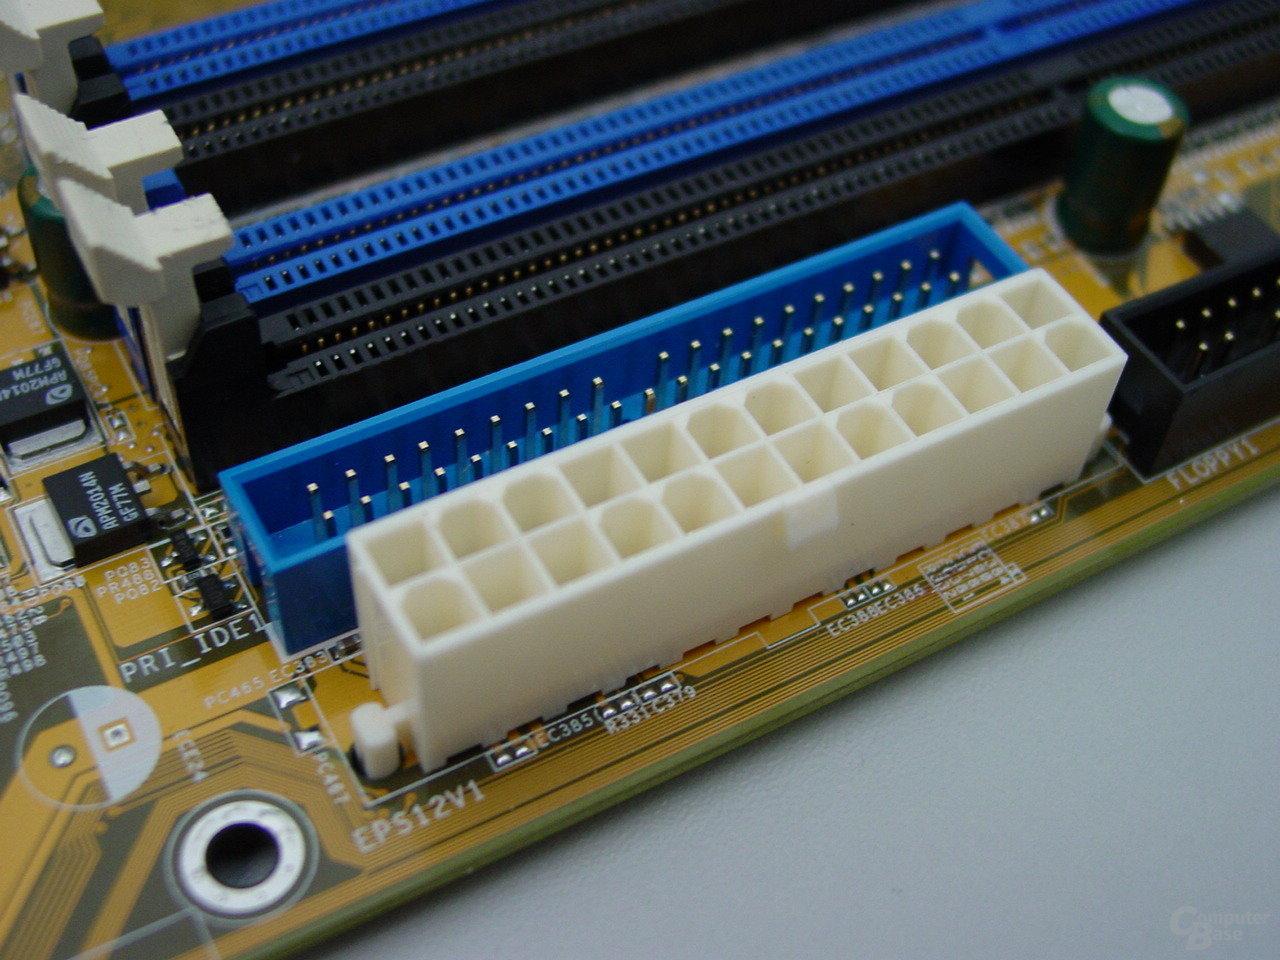 Neuer ATX-Stecker mit 24-Pins nach 2.2 Spezifikation